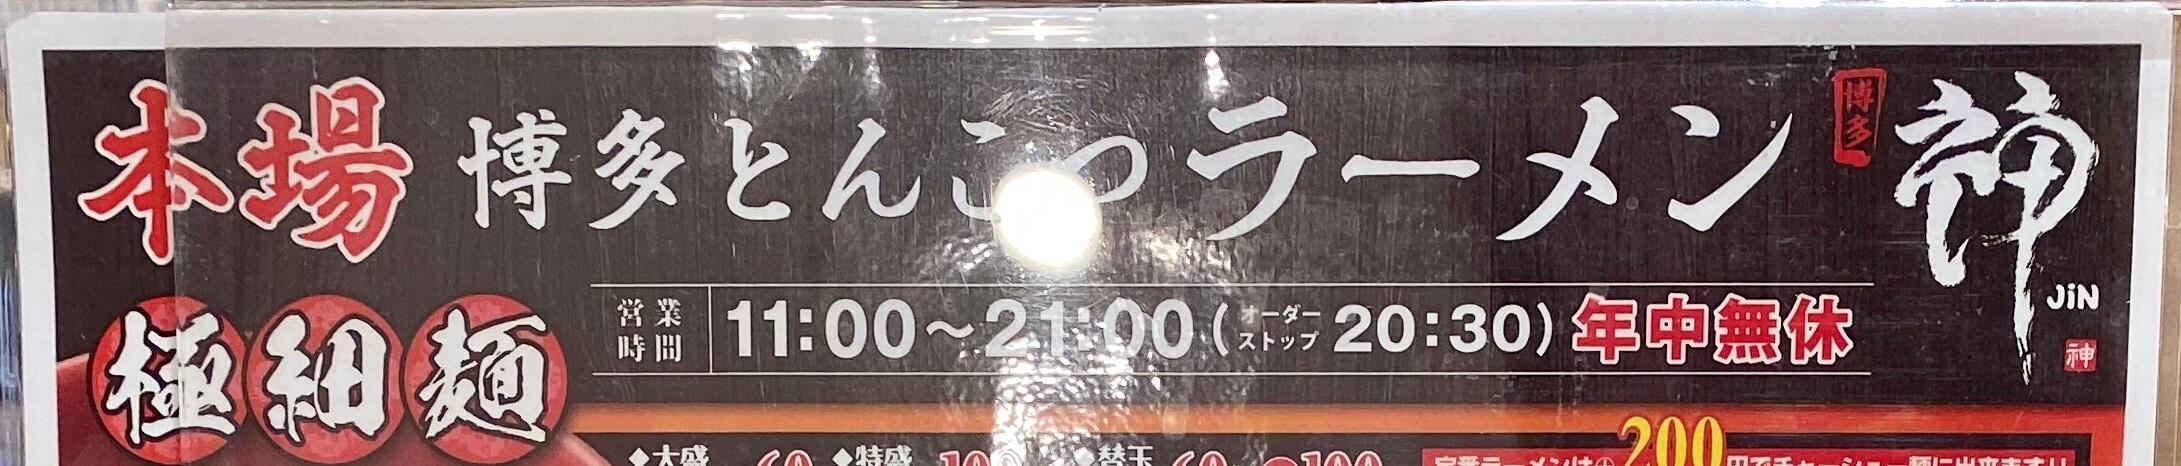 本場博多とんこつラーメン神(jin)サニーアクシスいの店 営業時間 定休日